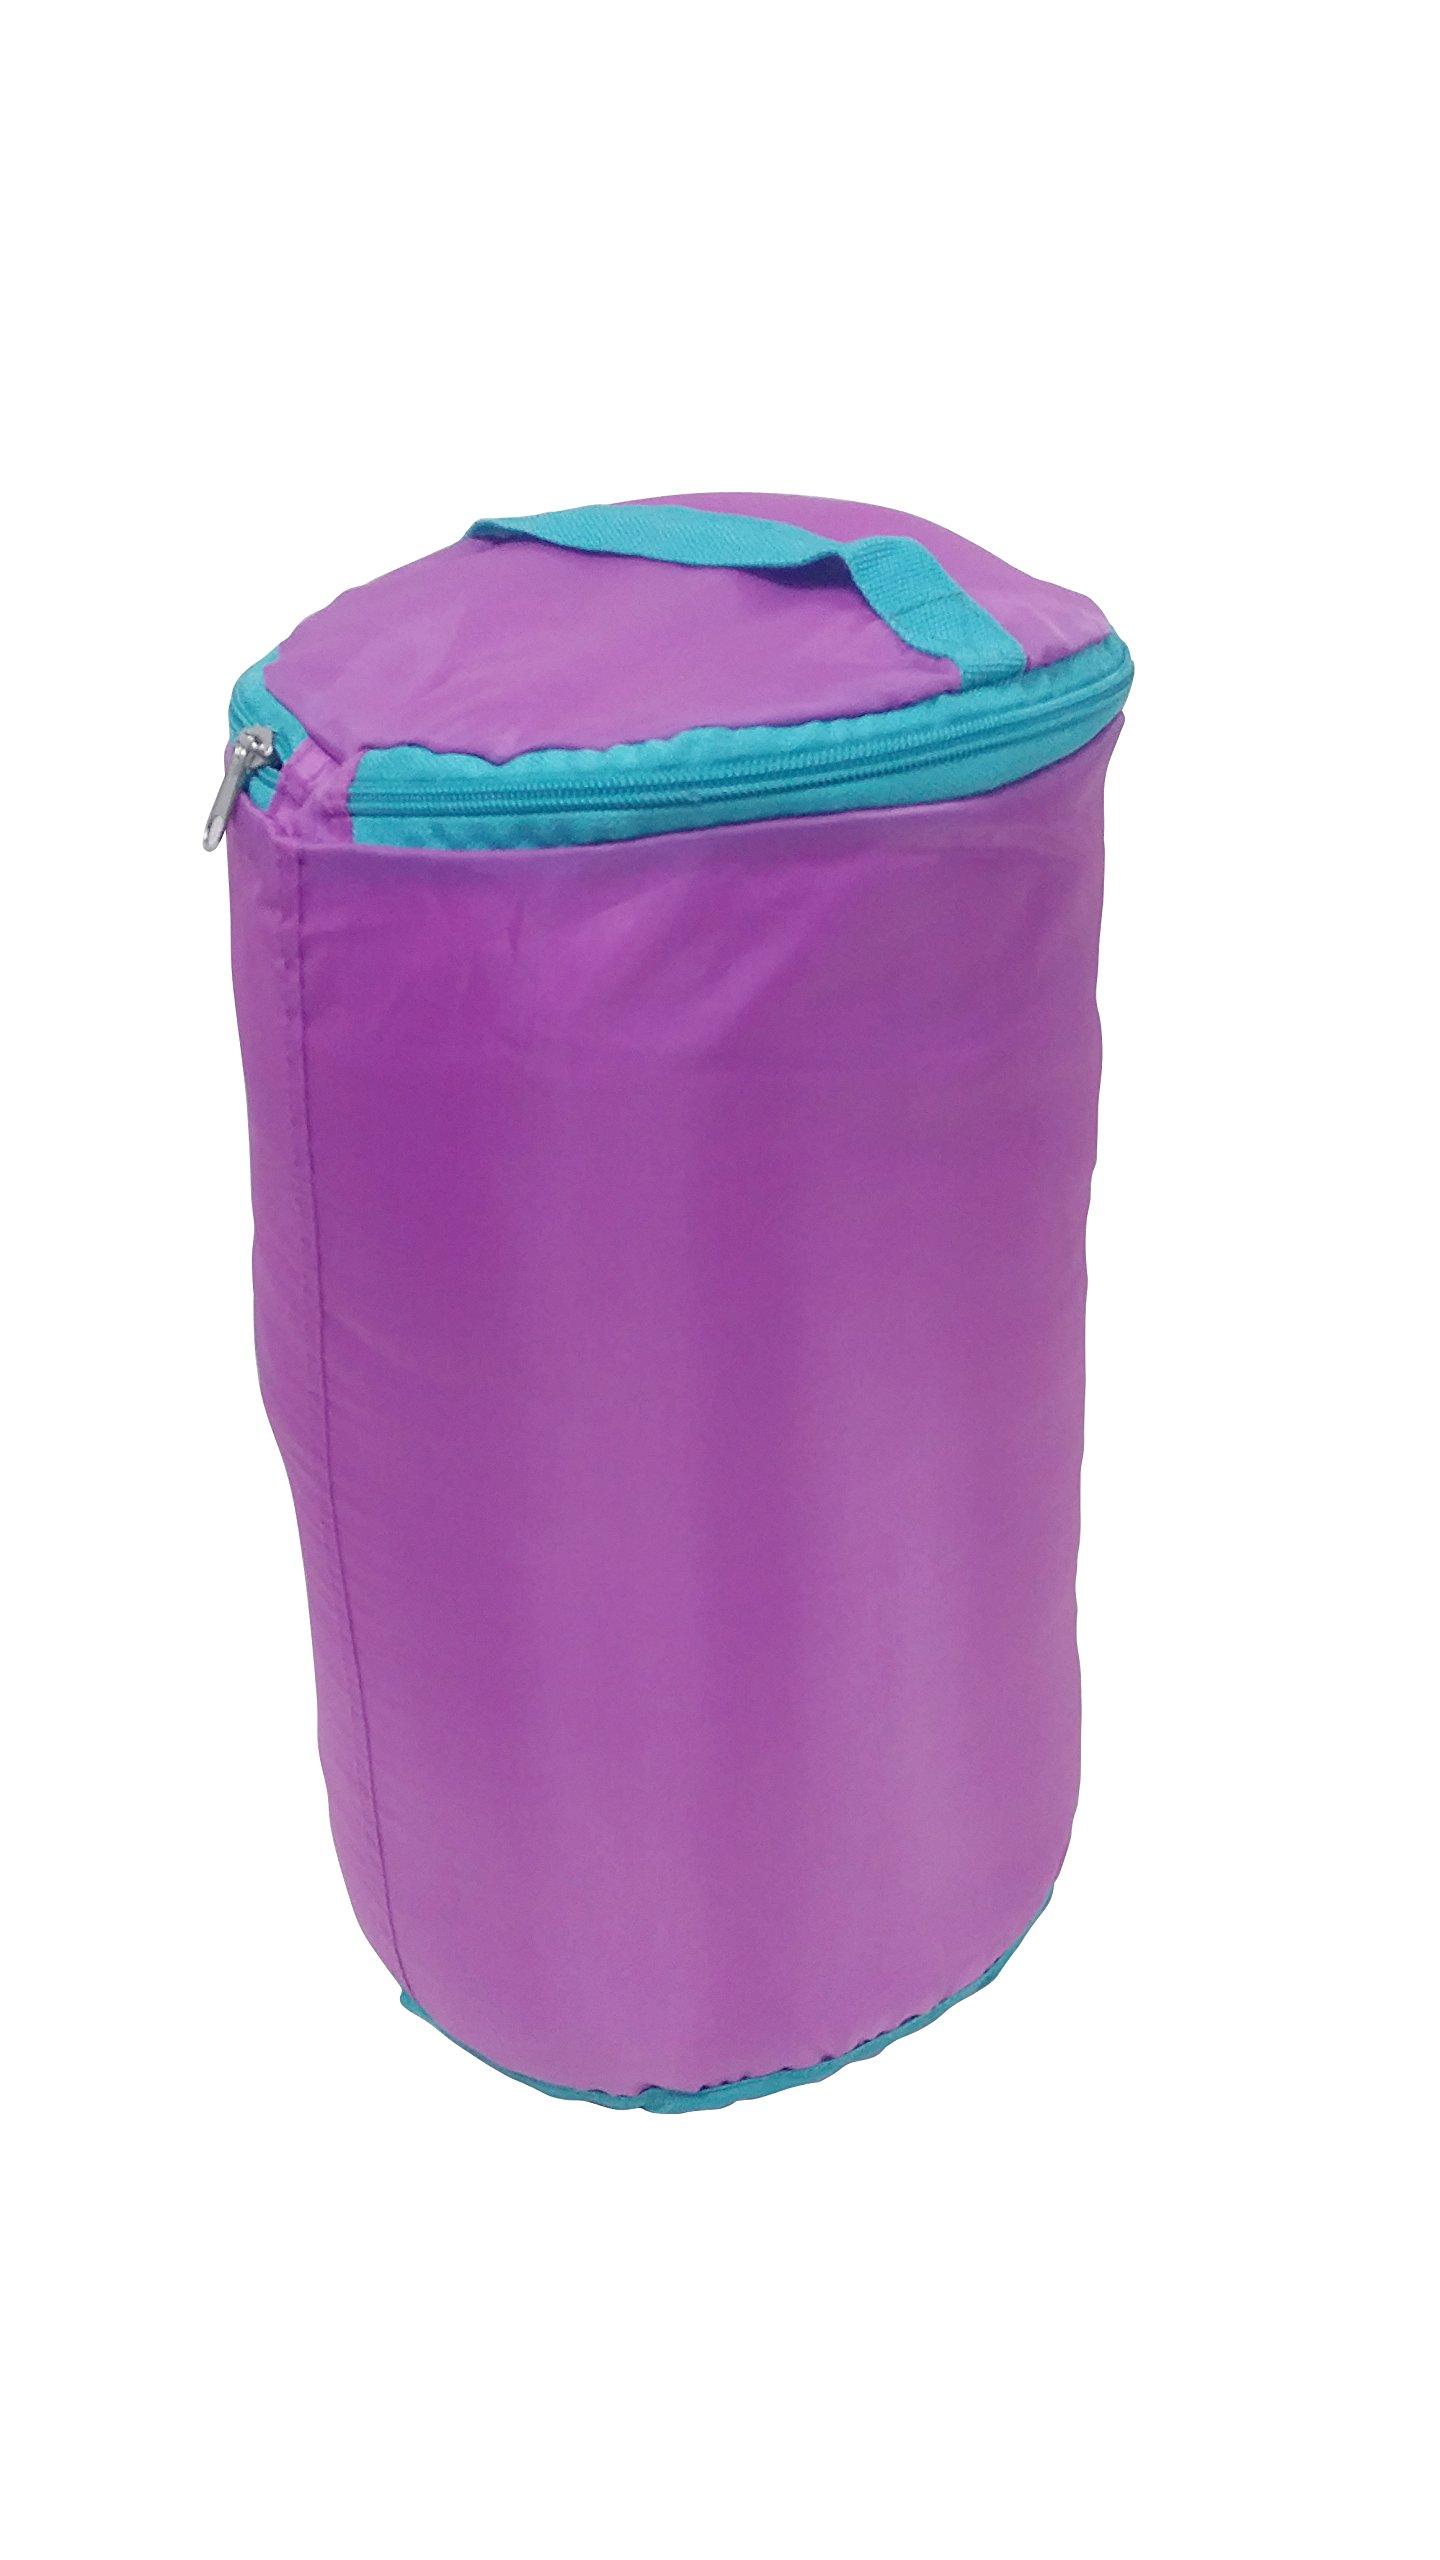 Ozark-Trail Kids Sleeping Bag Camping Indoor Outoor Traveling (Raccoon/Bear) (Purple,Teal) by Ozark-Trail (Image #2)